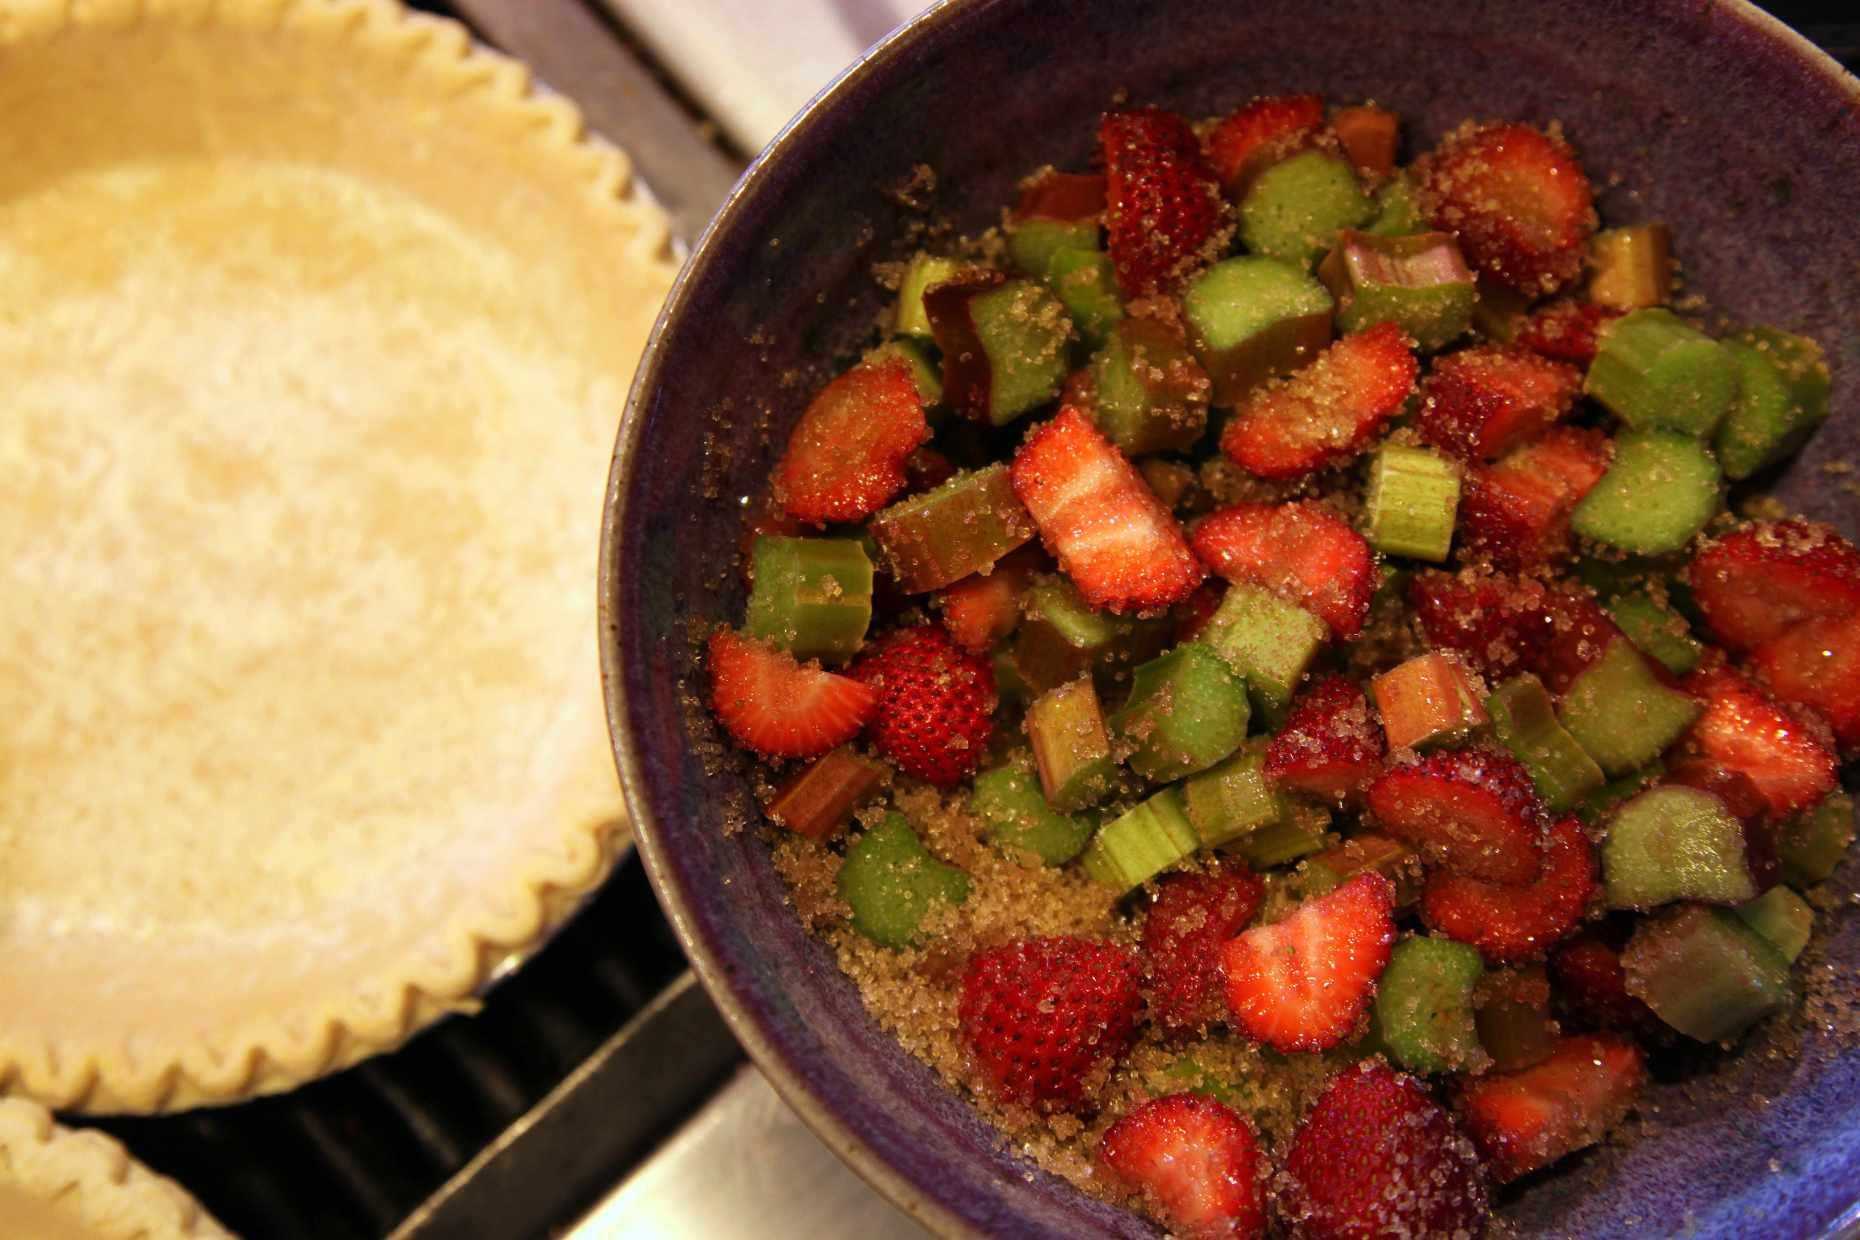 Strawberry rhubarb pie. © Liesl Clark